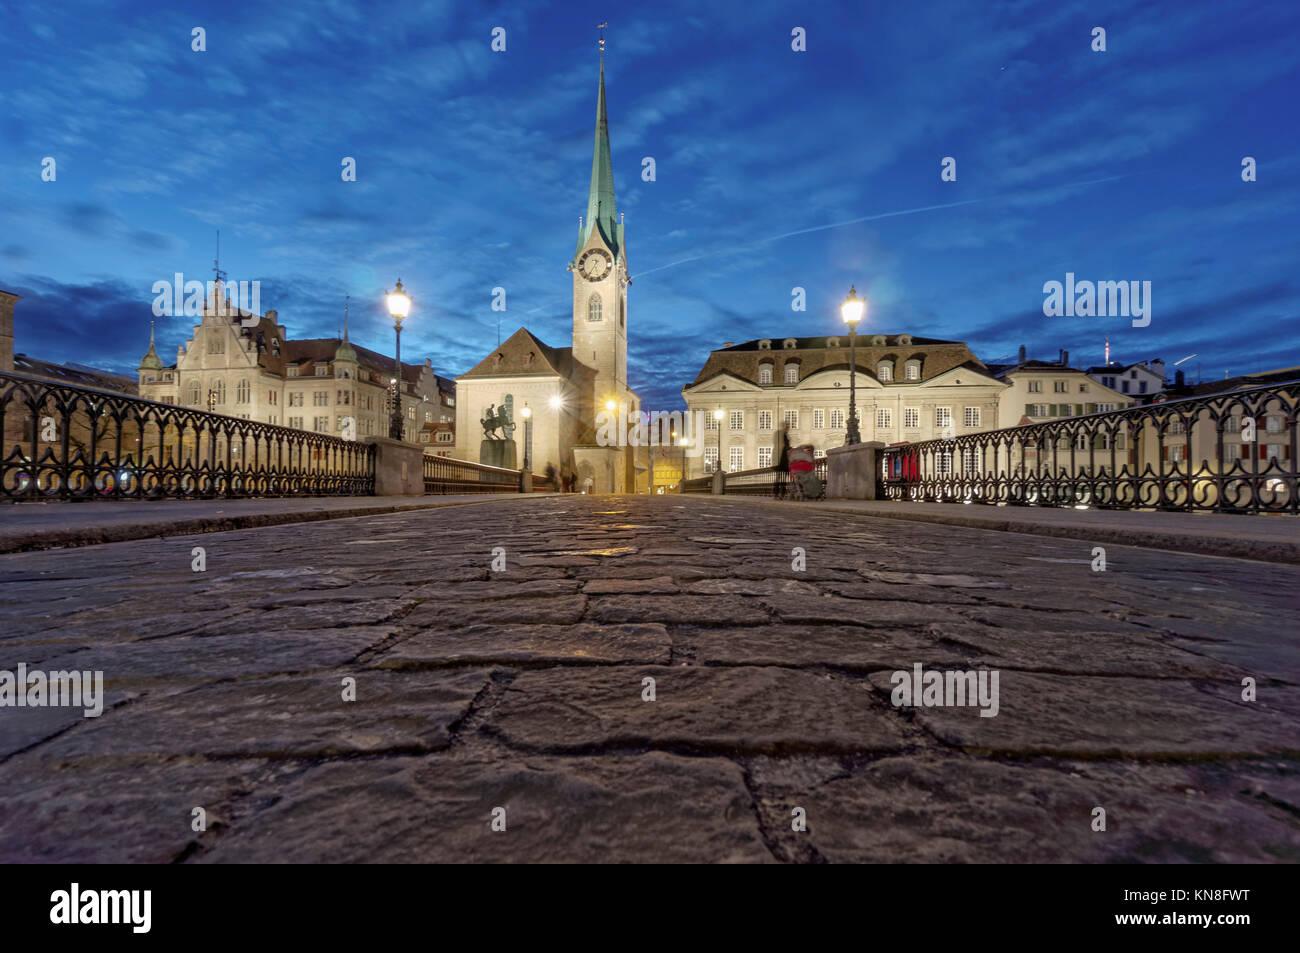 Munster Bridge, Fraumunster, Cobble Stone Pavement, Zurich, Switzerland - Stock Image